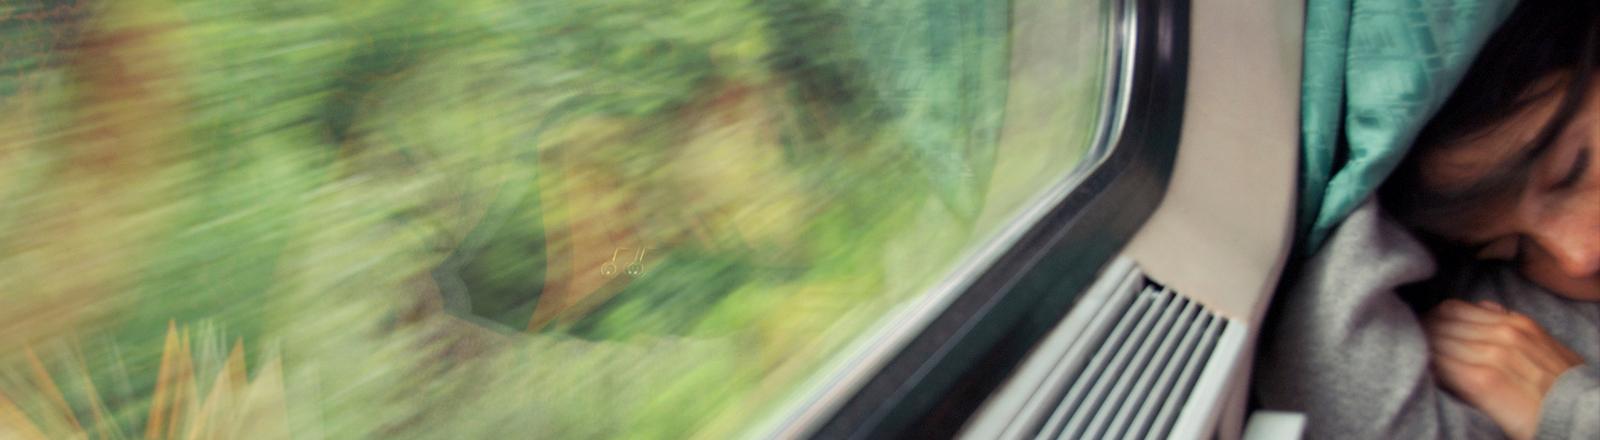 Eine Frau schläft in einer Bahn an eine Fensterscheibe gelehnt